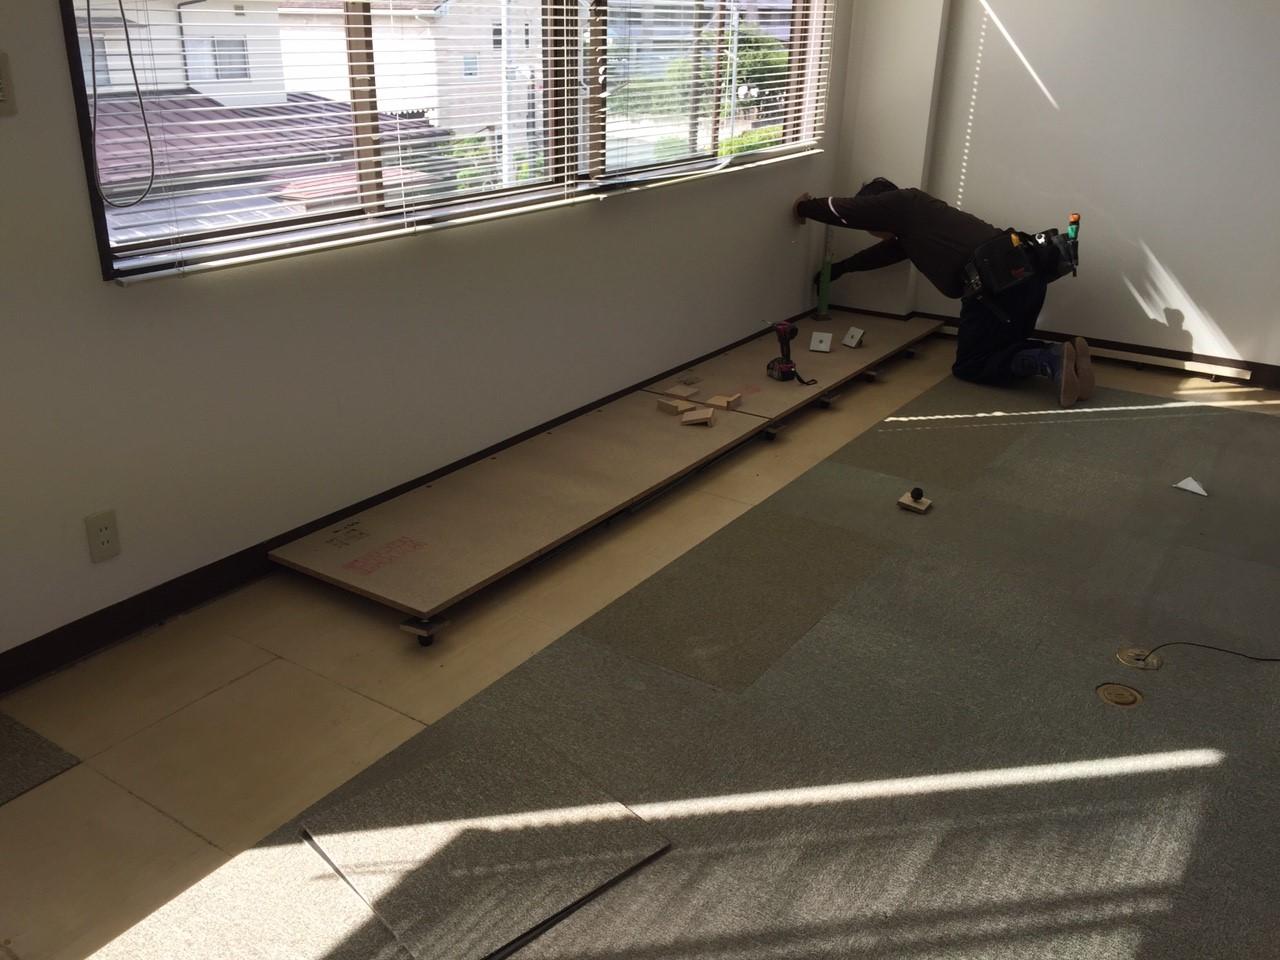 テナントダンススタジオ改修工事、置床・乾式二重床、ダンスフロア工事